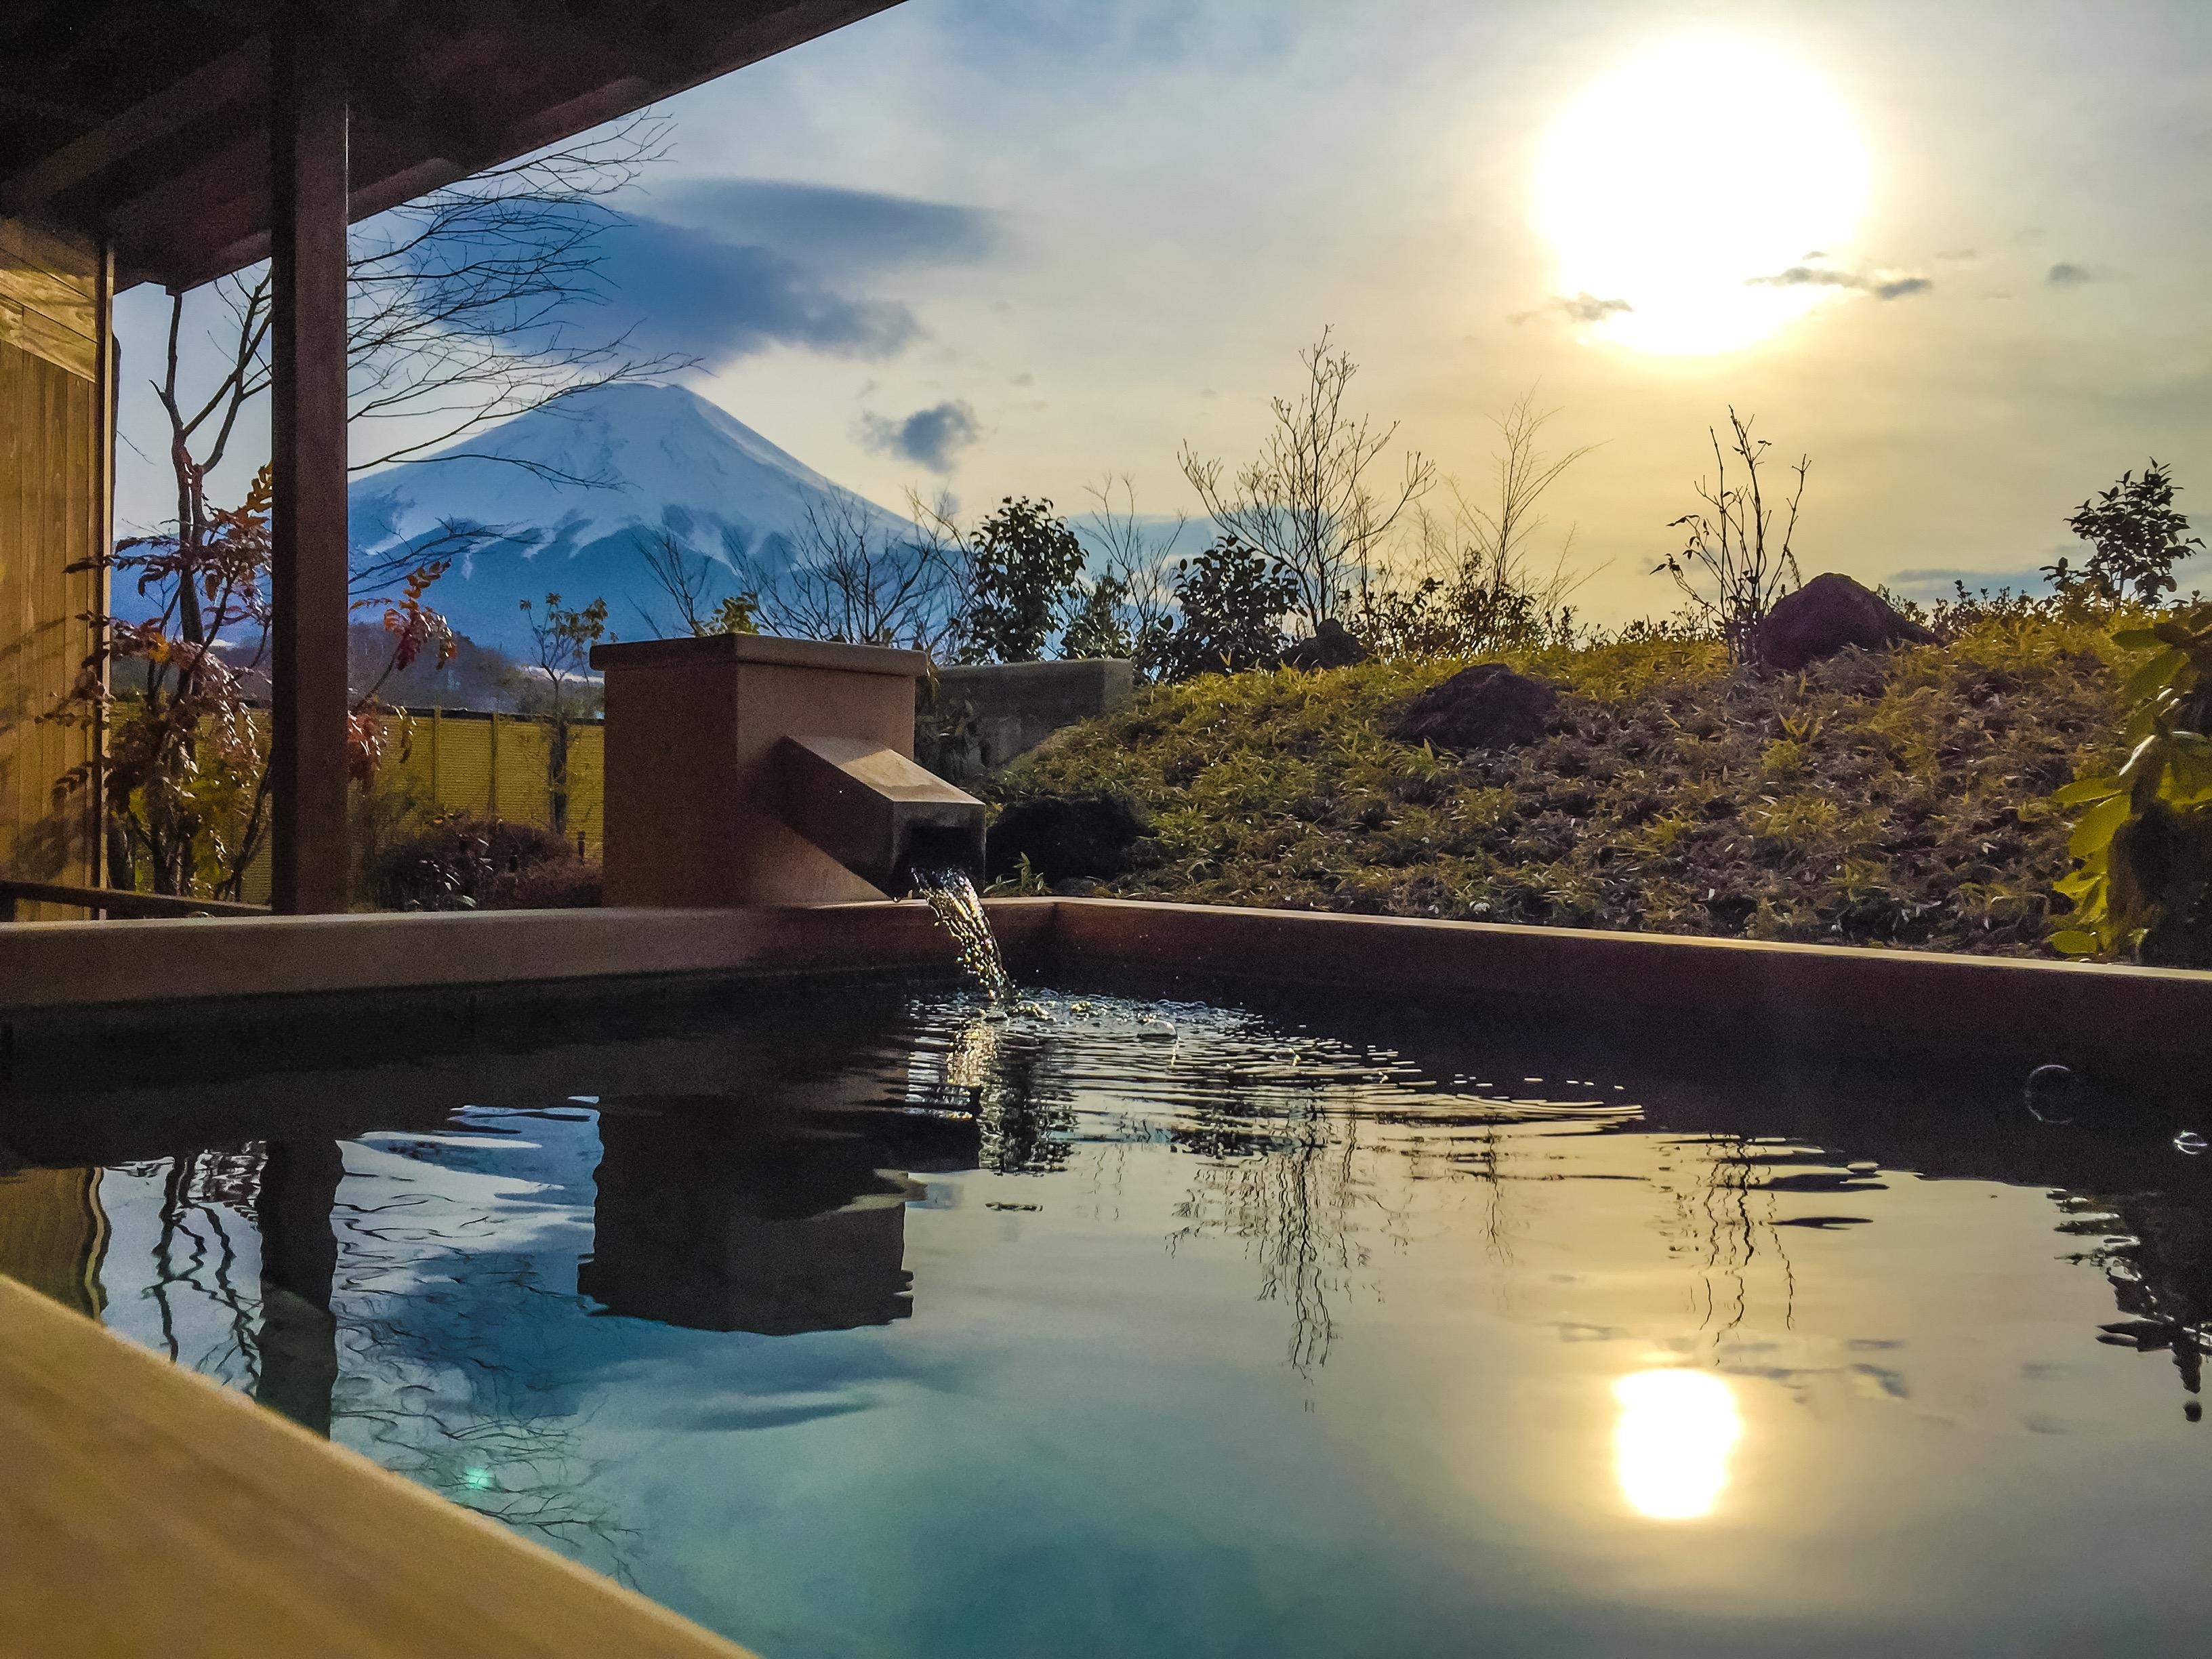 日本の絶景温泉ランキングTOP19!日帰り情報や露天風呂付き客室もご紹介